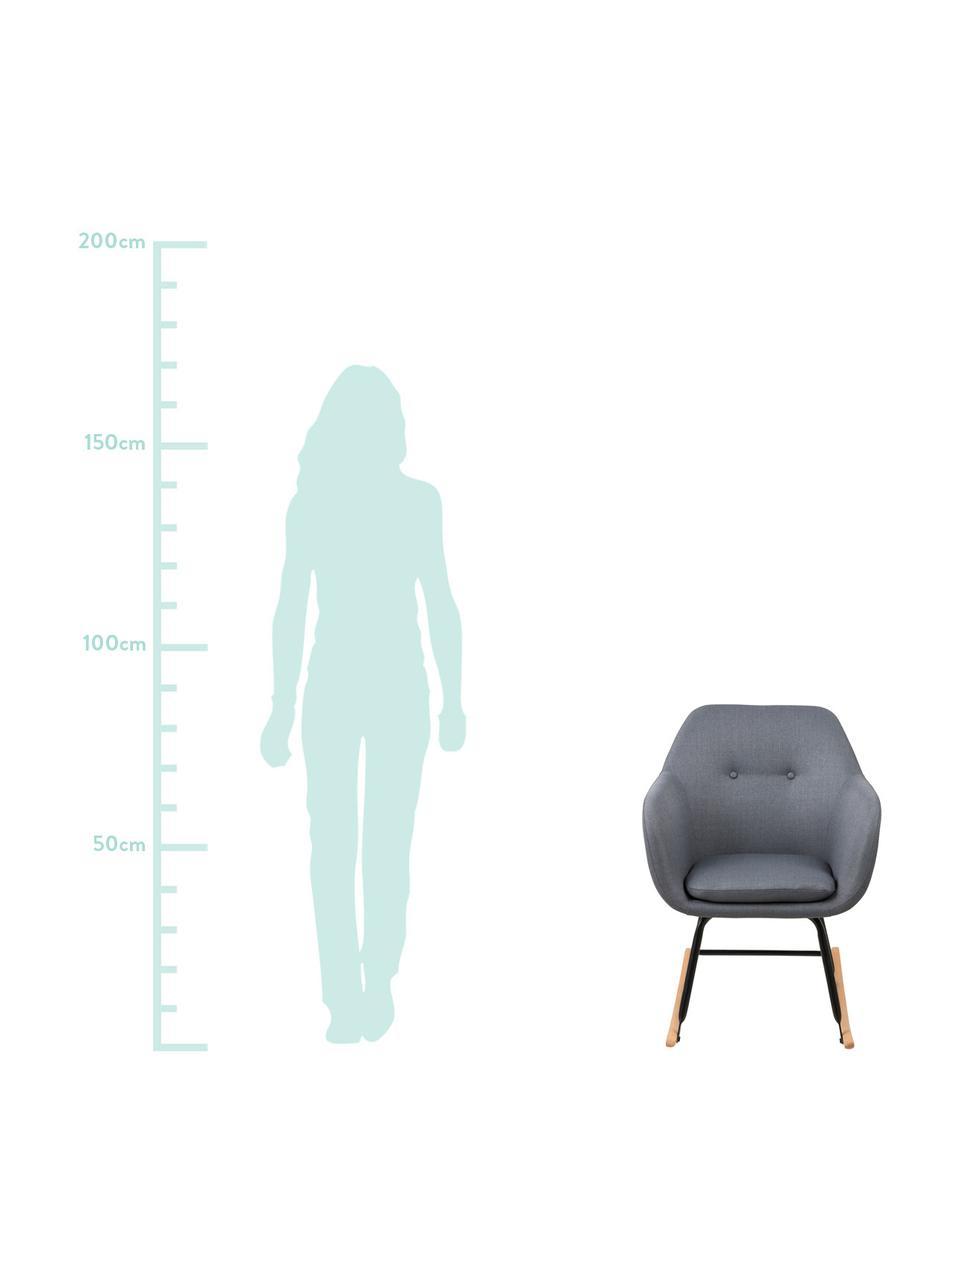 Schommelstoel Emilia, Bekleding: 90% polyester, 8% viscose, Poten: gepoedercoat metaal, Geweven stof donkergrijs, 57 x 69 cm